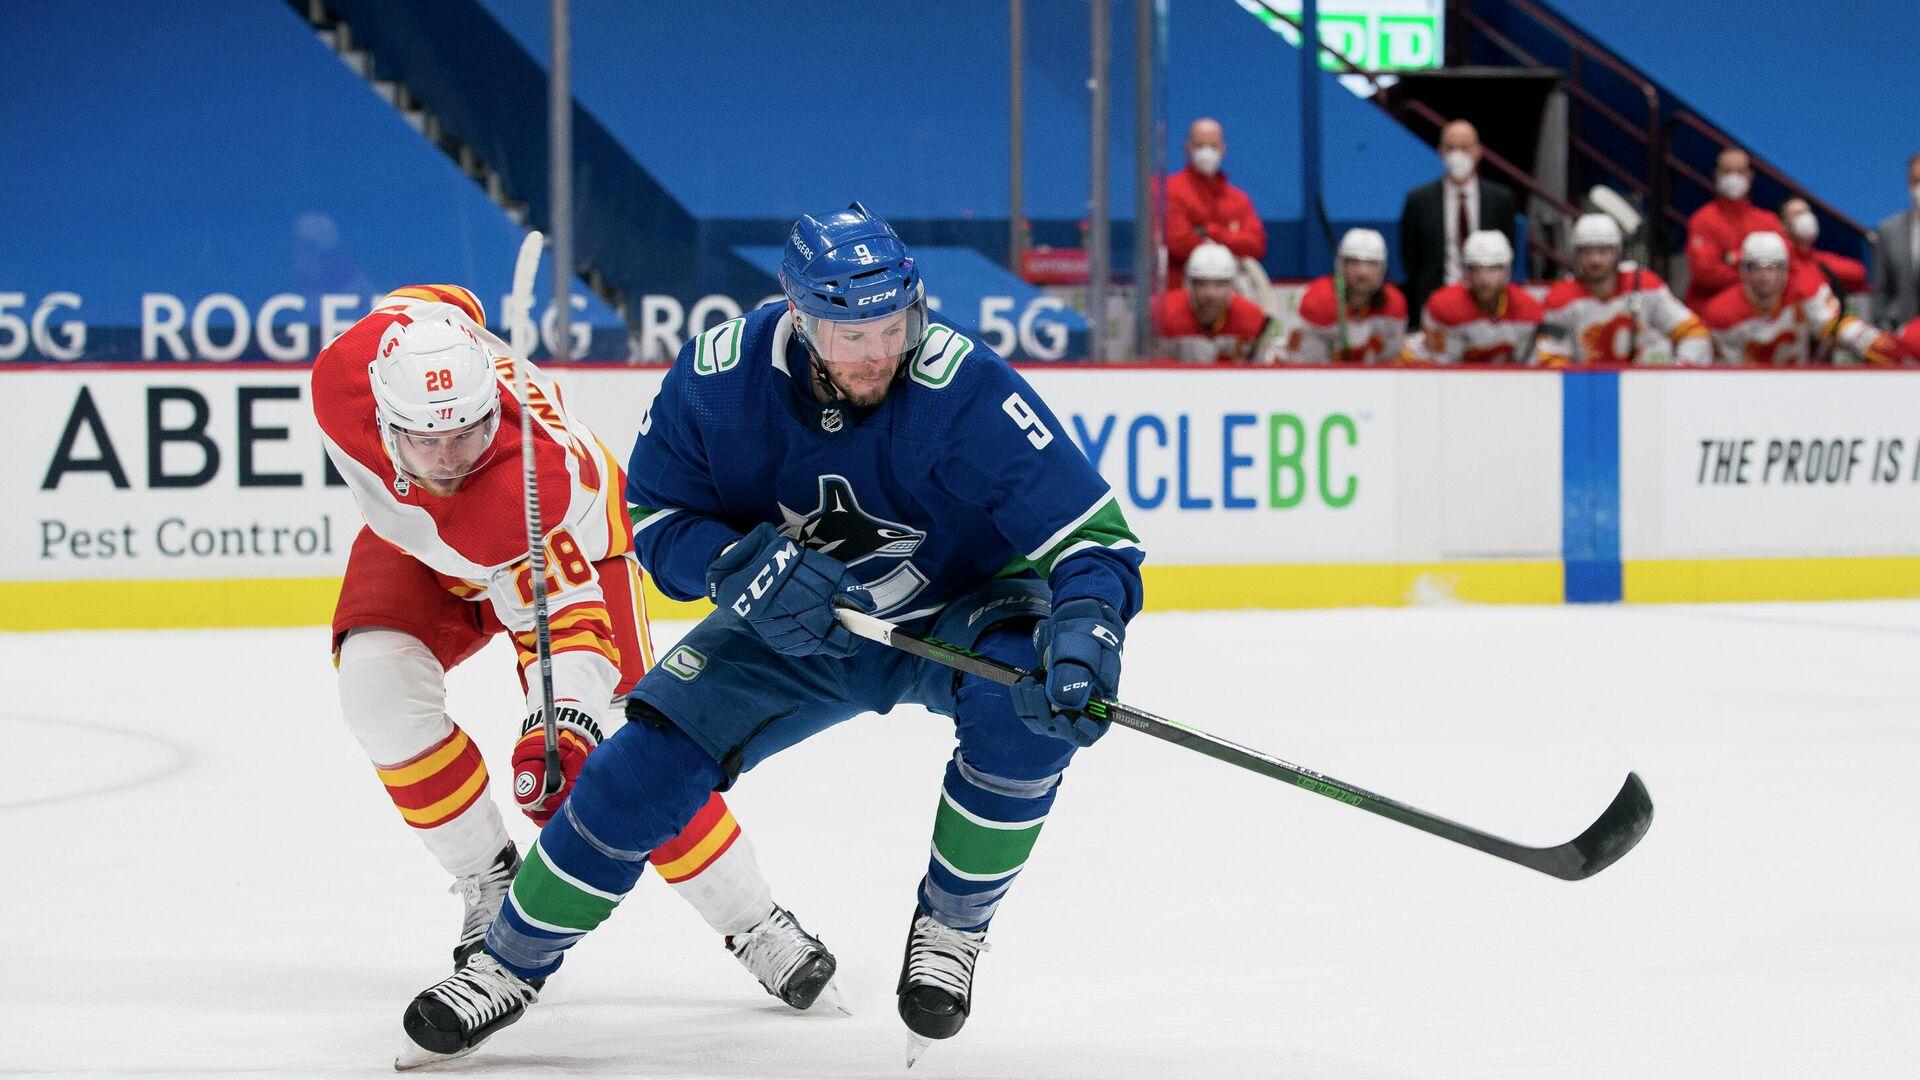 Игровой момент матча НХЛ Ванкувер Кэнакс - Калгари Флэймз - РИА Новости, 1920, 14.02.2021